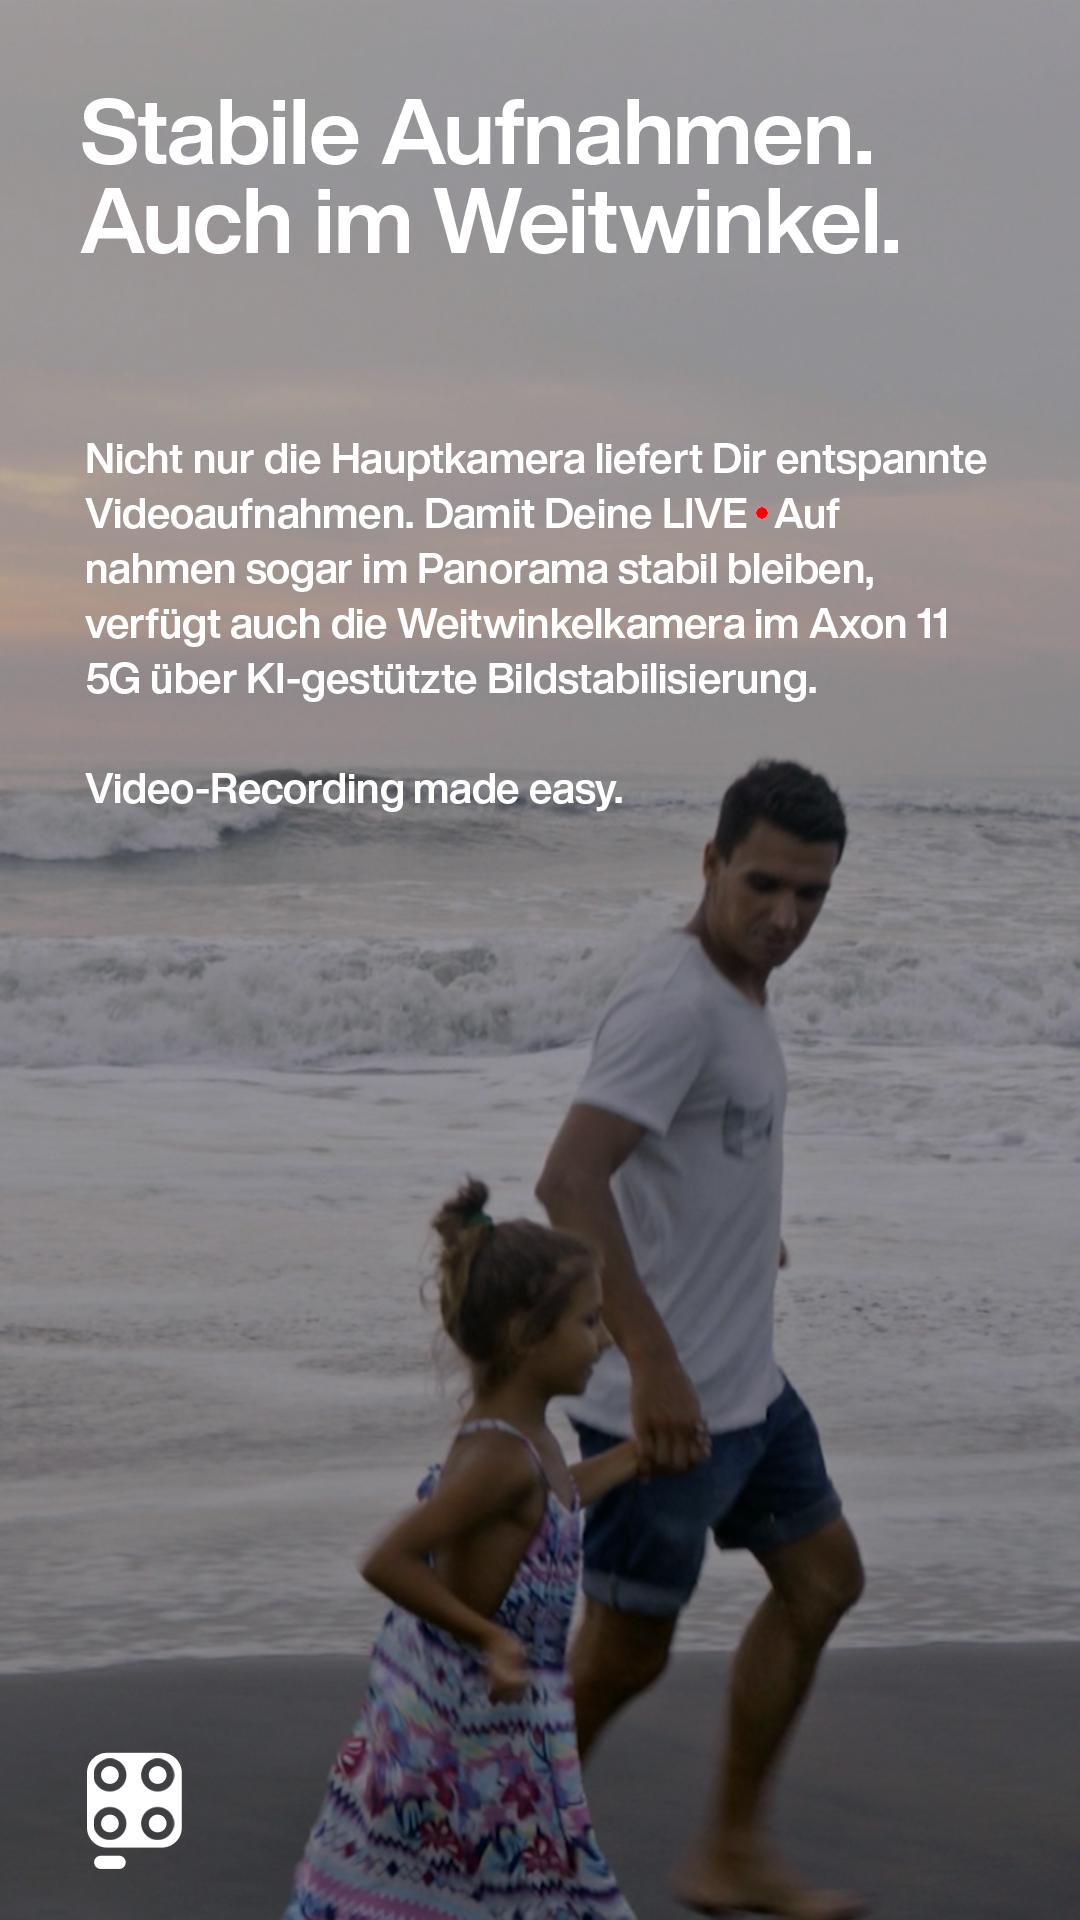 Vater und Tochter laufen über den Strand responsiv